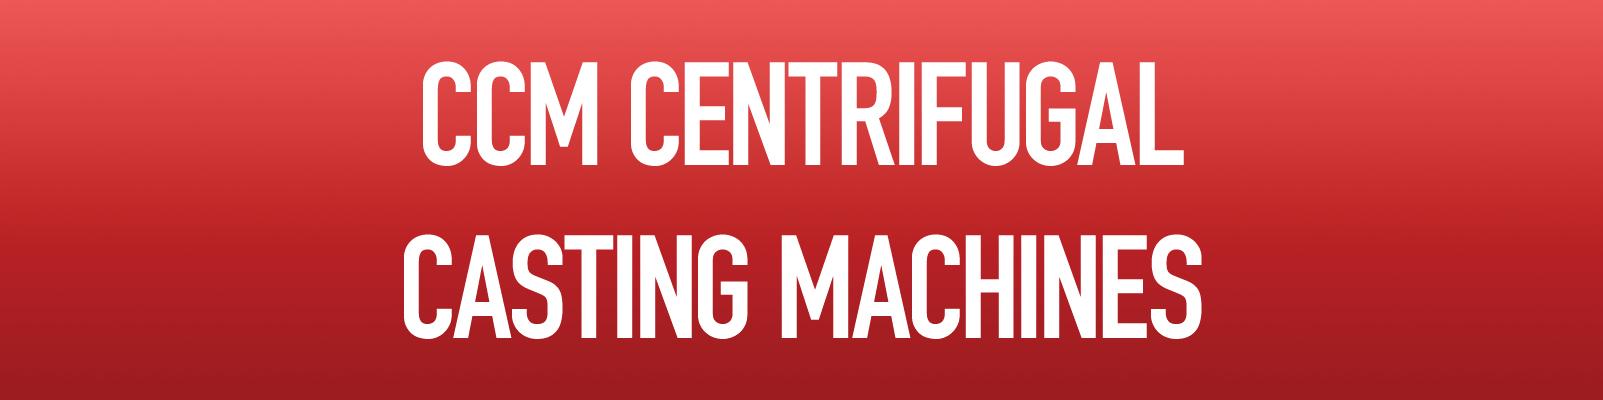 CCM Centrifugal Casting Machines